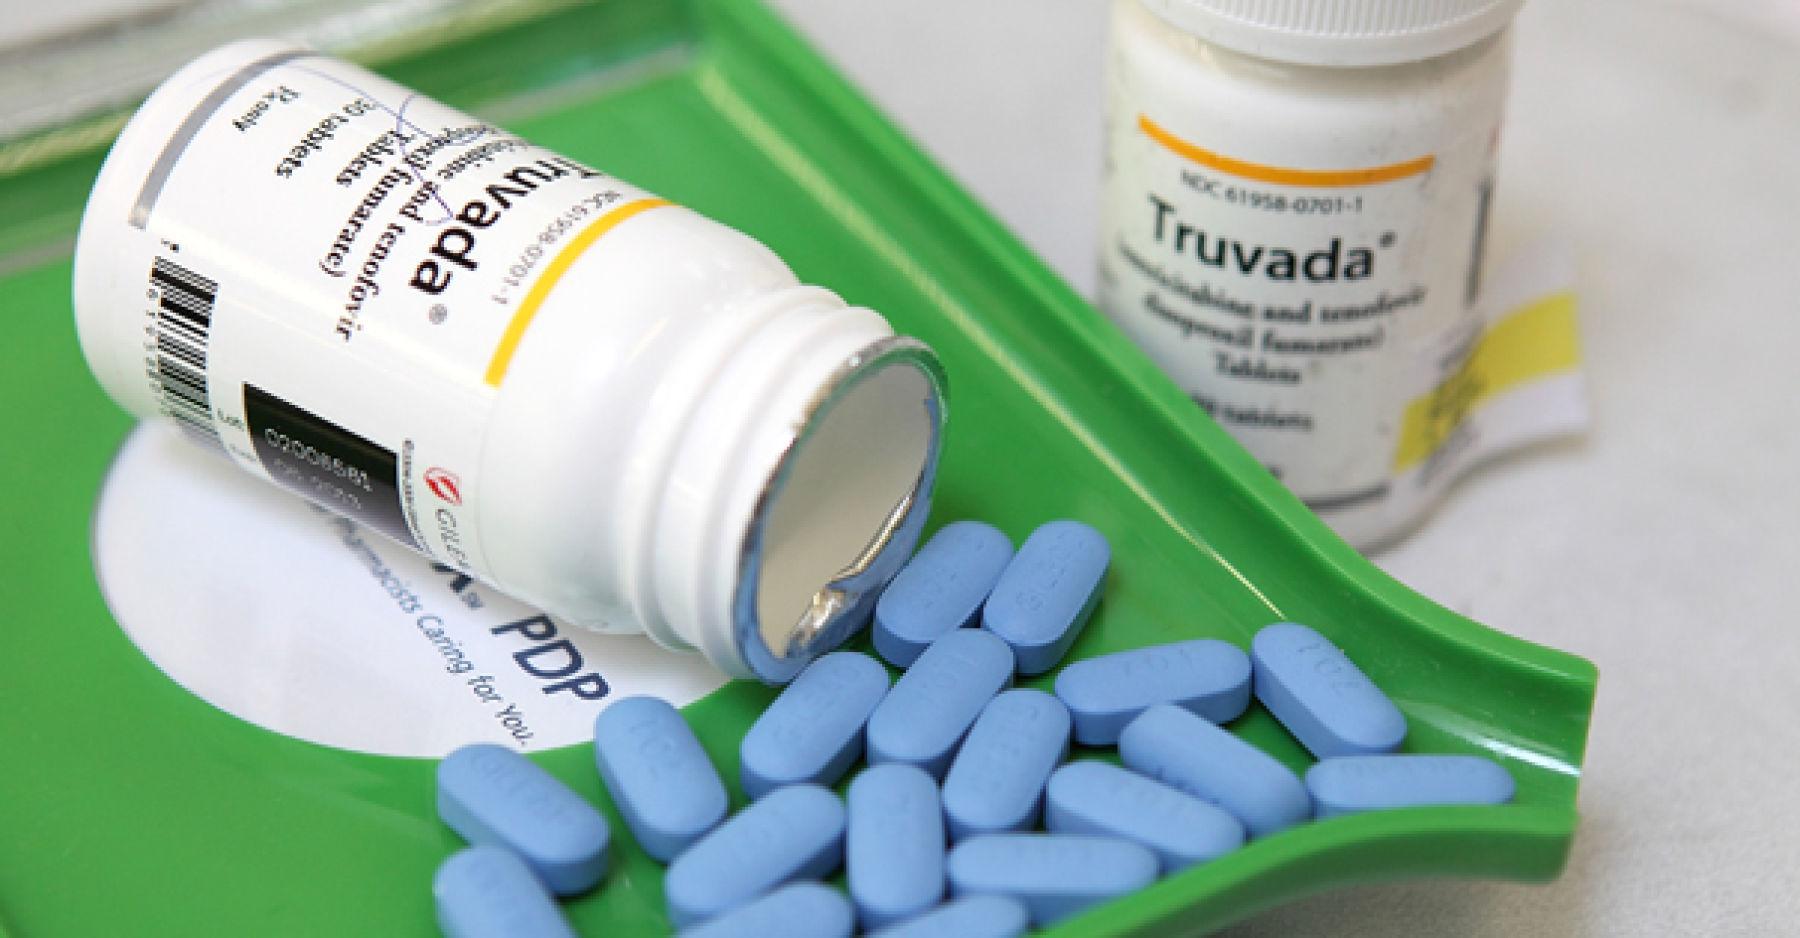 В Норвегии начали бесплатно распространять лекарство, эффективно предотвращающее ВИЧ - 1